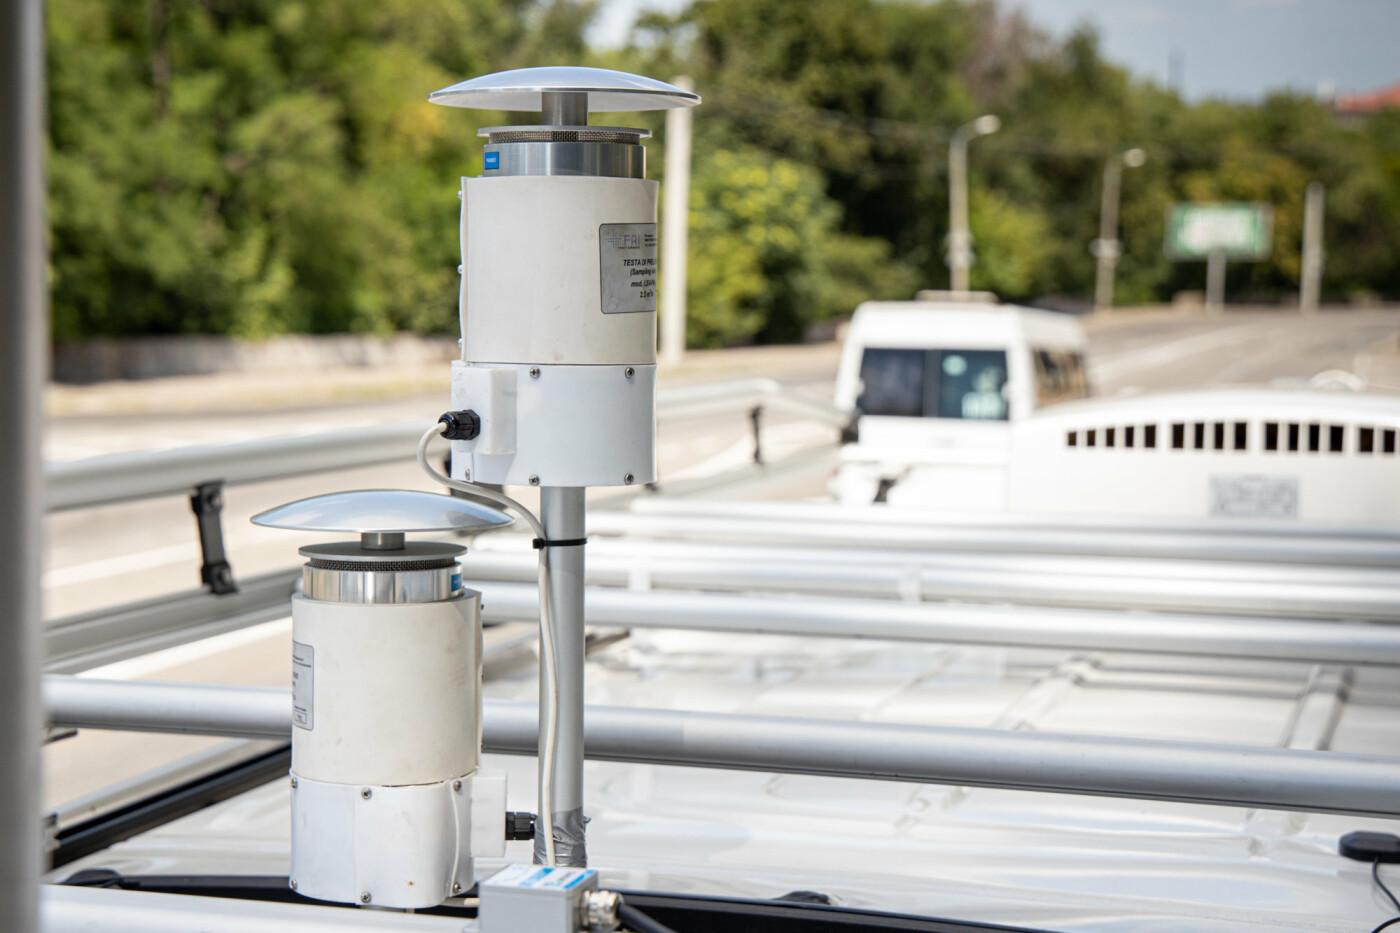 В Кривом Роге побывает мобильная станция мониторинга воздуха «Эол-1», аналогов которой нет в Украине, - ФОТО, фото-2